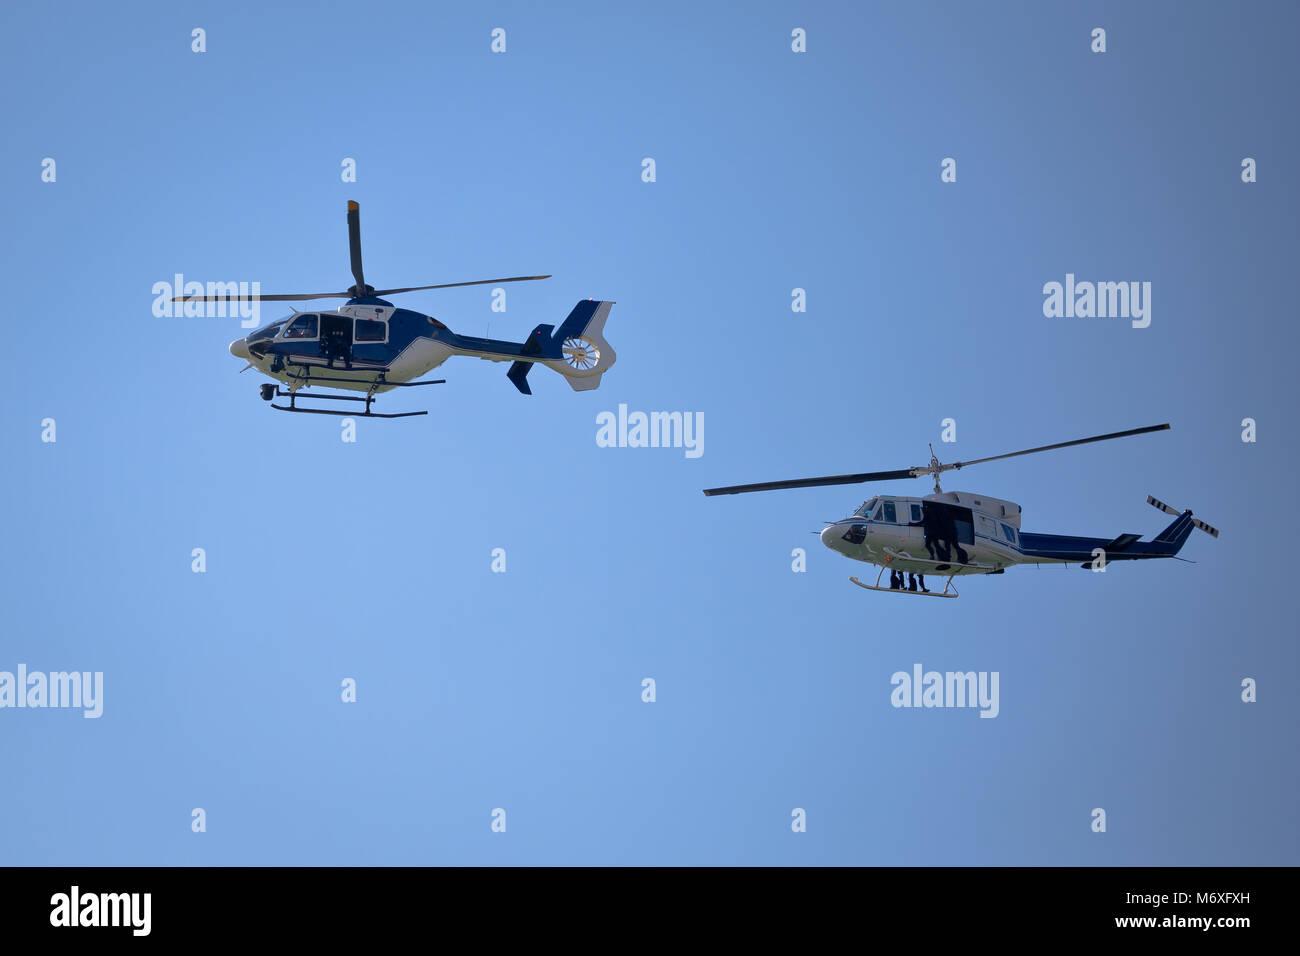 Des hélicoptères des forces spéciales équipe prête pour saut à la corde, non marqué Photo Stock